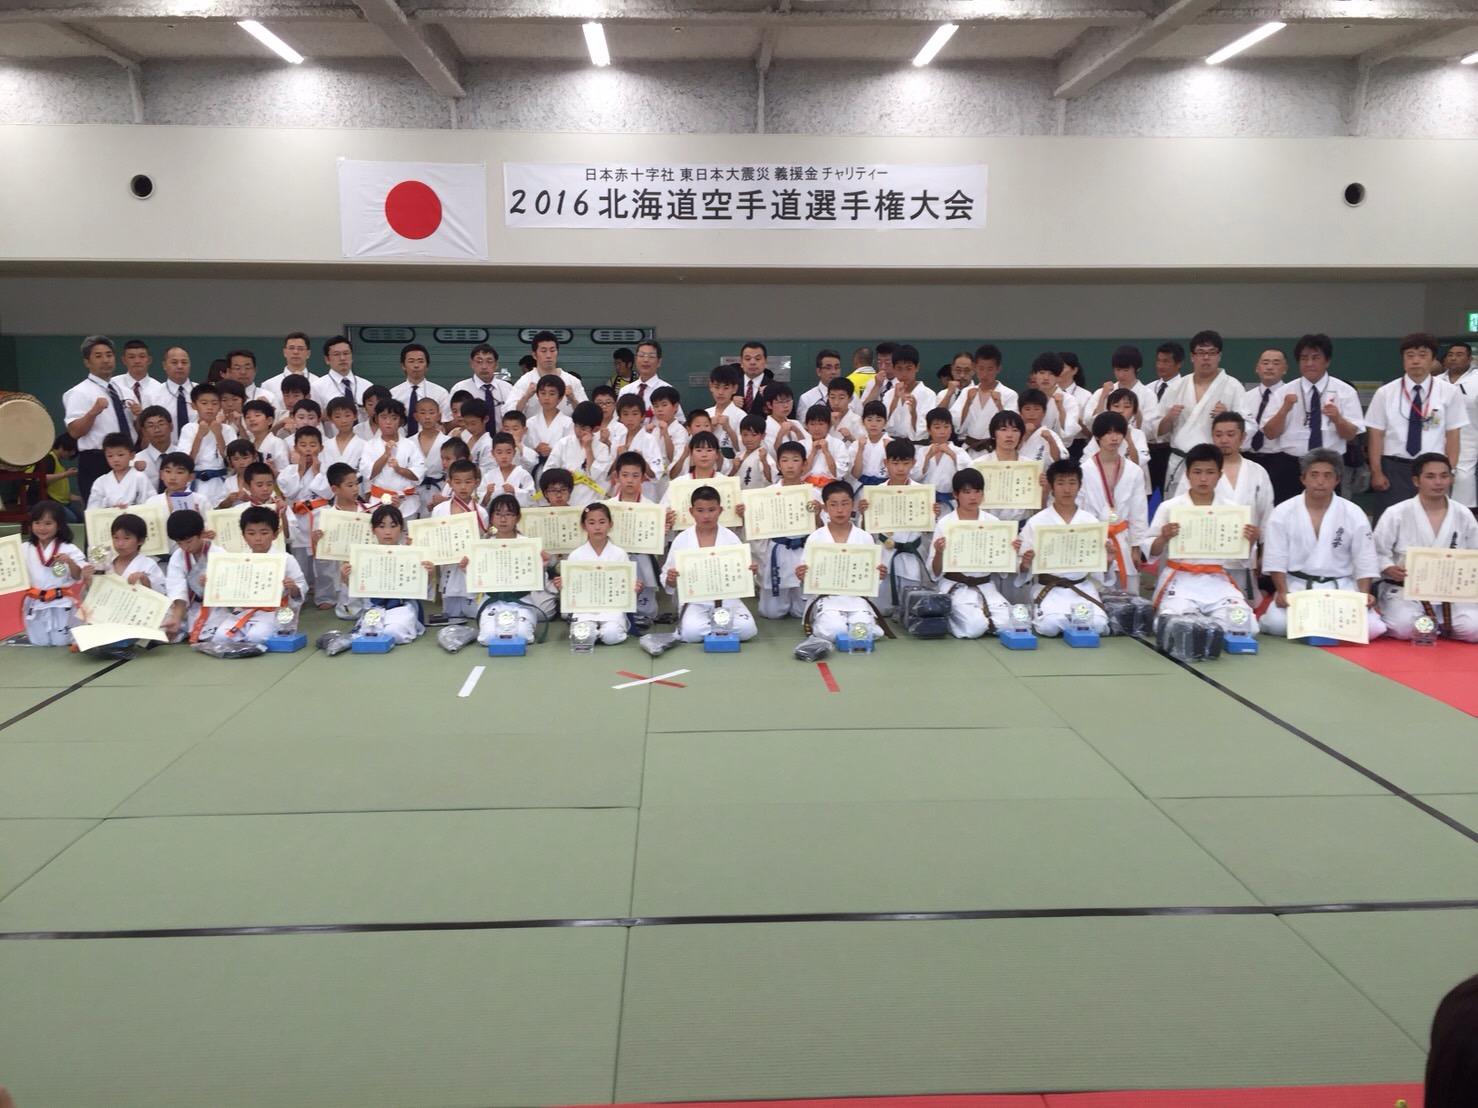 2016北海道大会